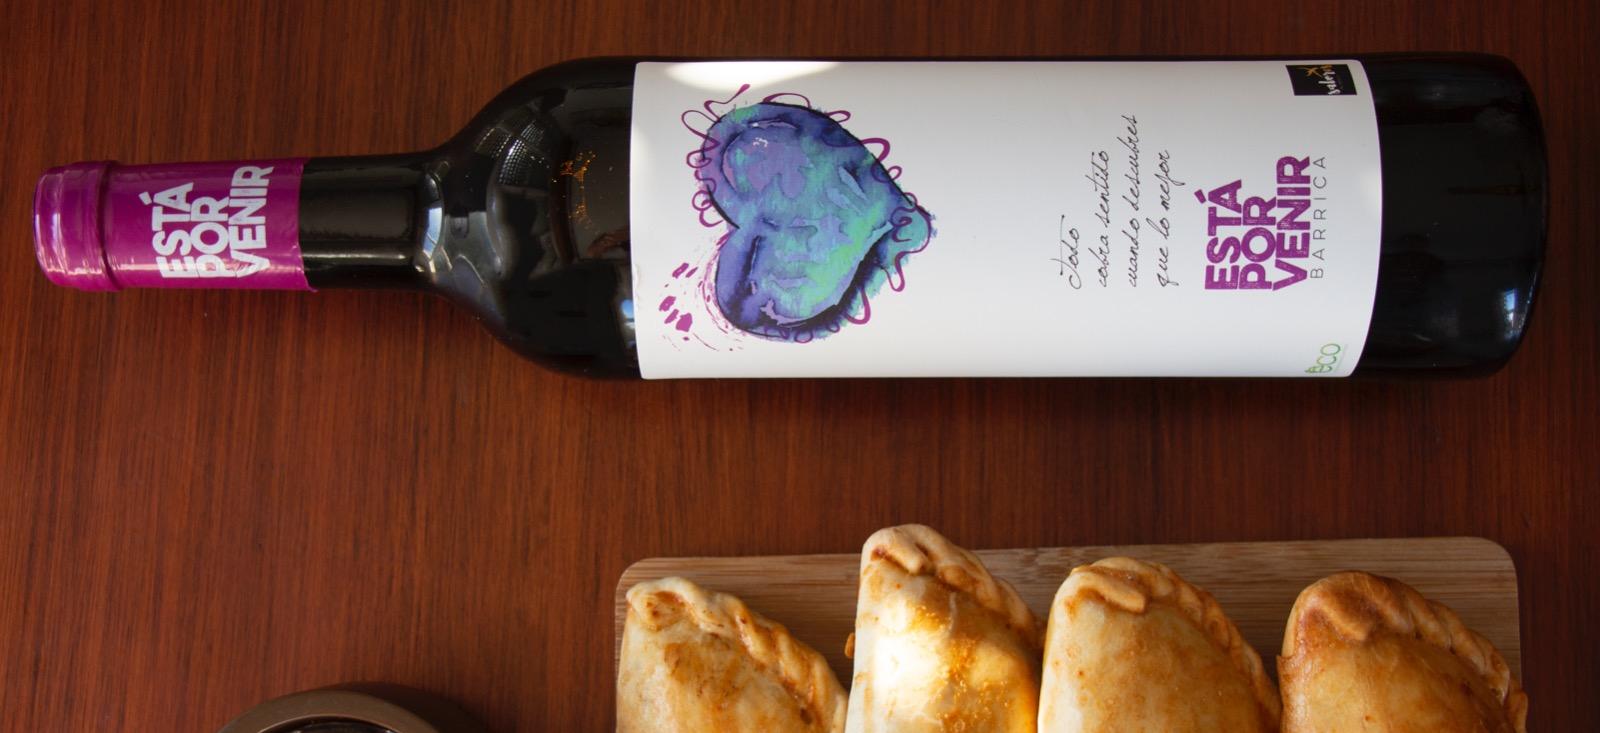 Rotweinflasche mit Empanadas auf einem Brett